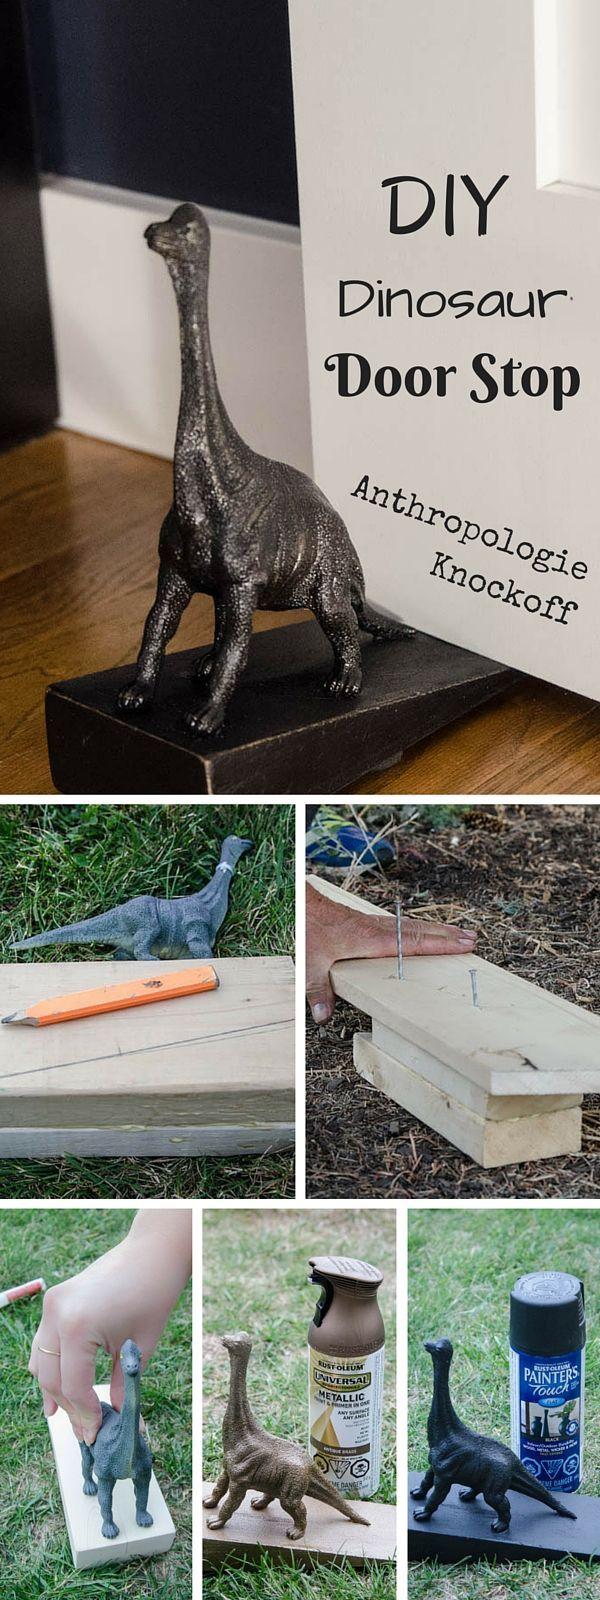 Bastelidee für Erwachsene - Dinosaurier Türstopper - fürs Kinderzimmer - Supereasy *** Check out the tutorial: DIY Anthropologie Dinosaur Door Stop Knockoff crafts #homedecor